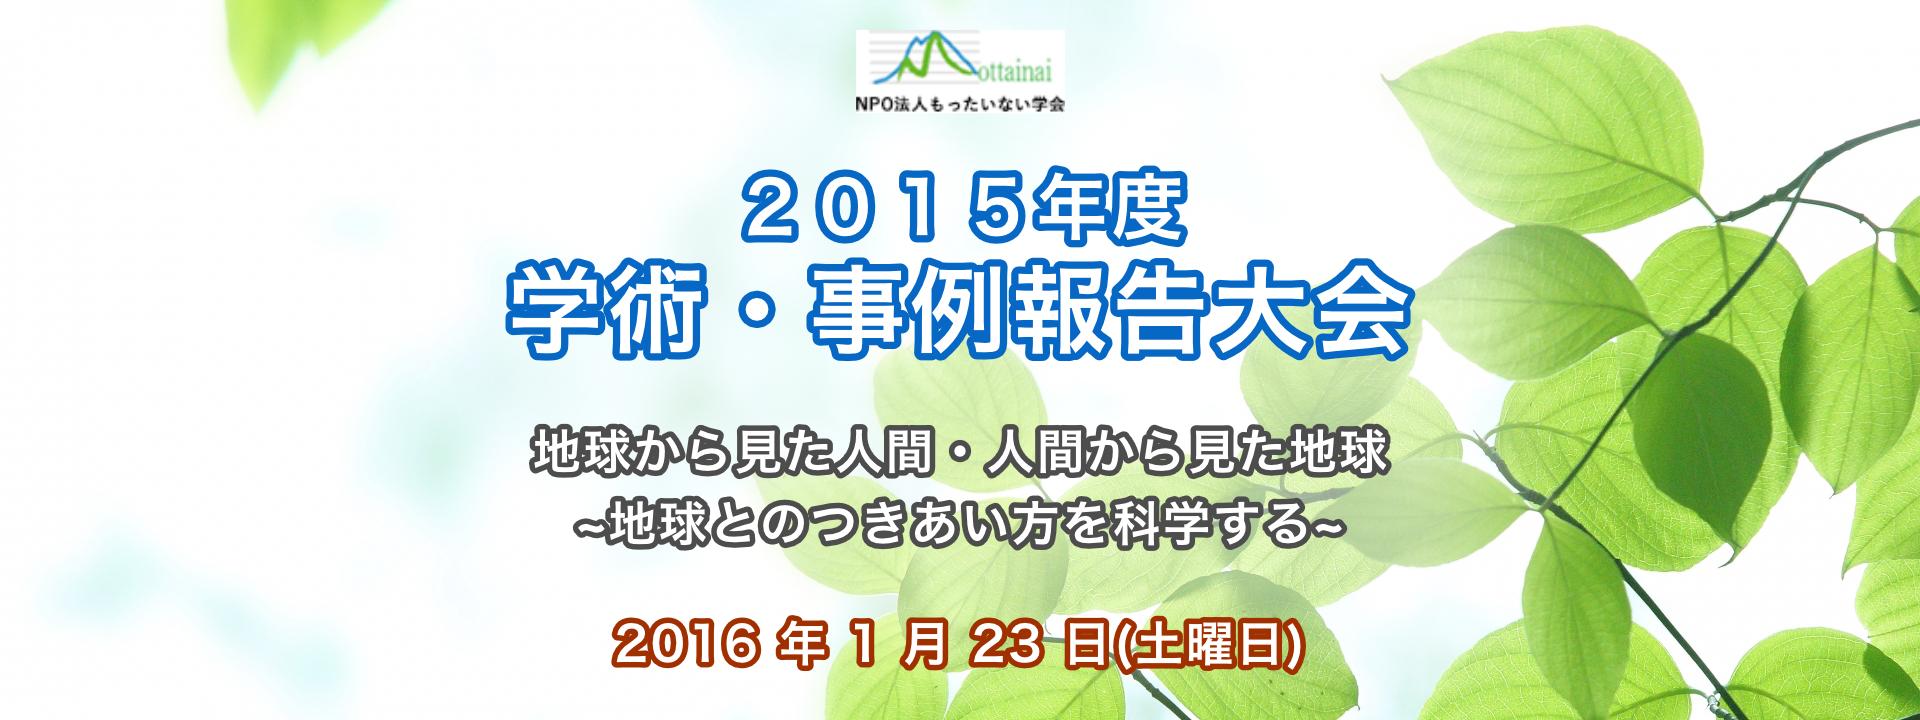 gakuzyutsu-20160123